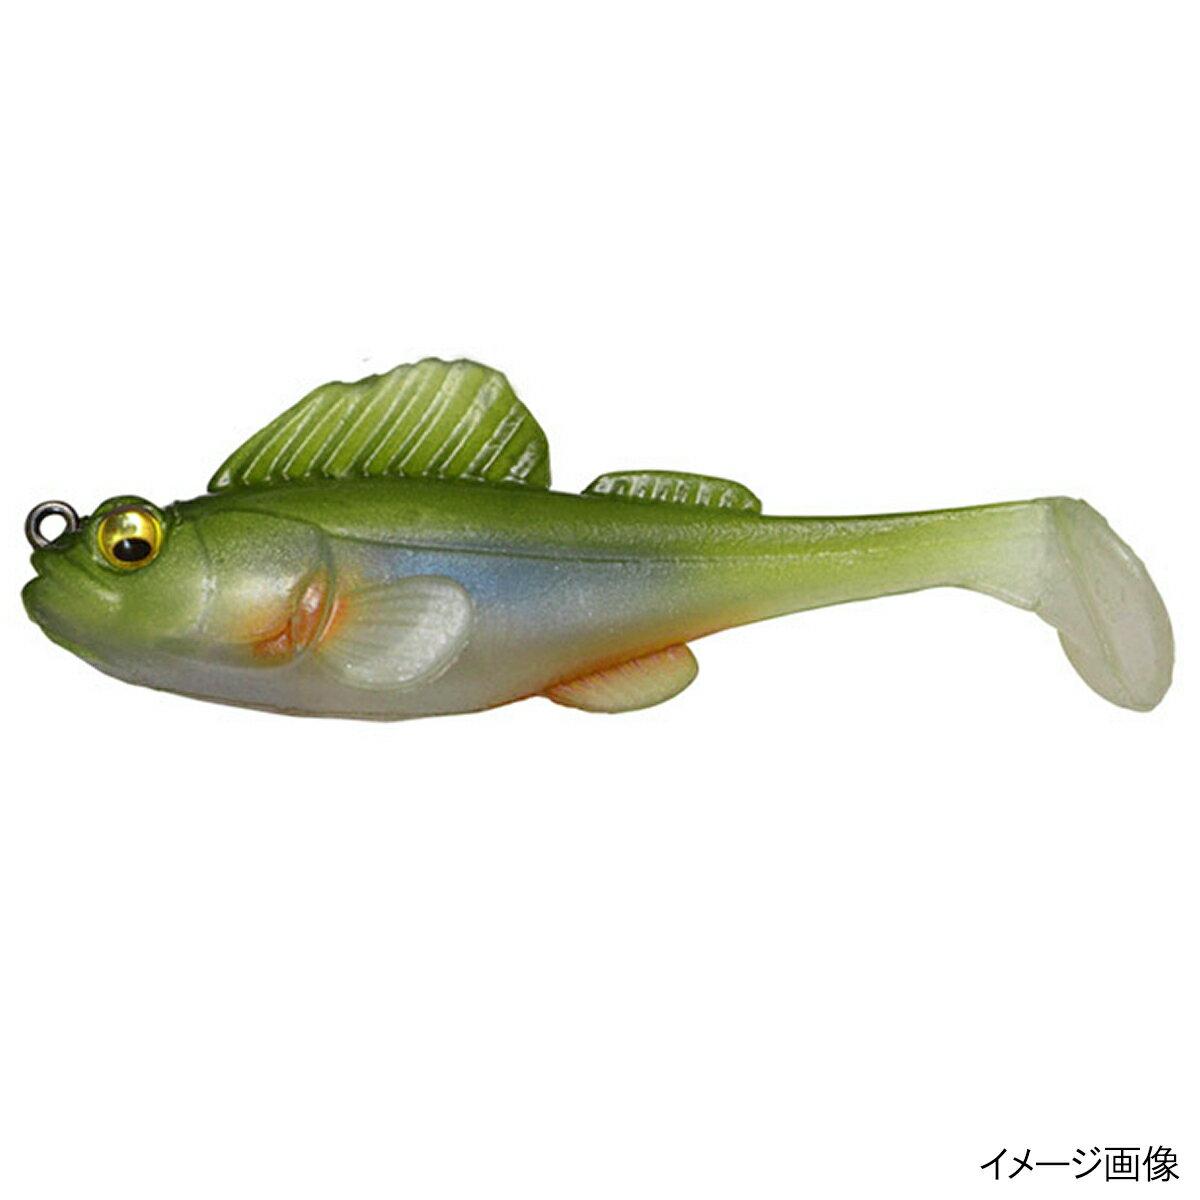 メガバス ダークスリーパー 3インチ 3/8oz ハナハゼ【ゆうパケット】